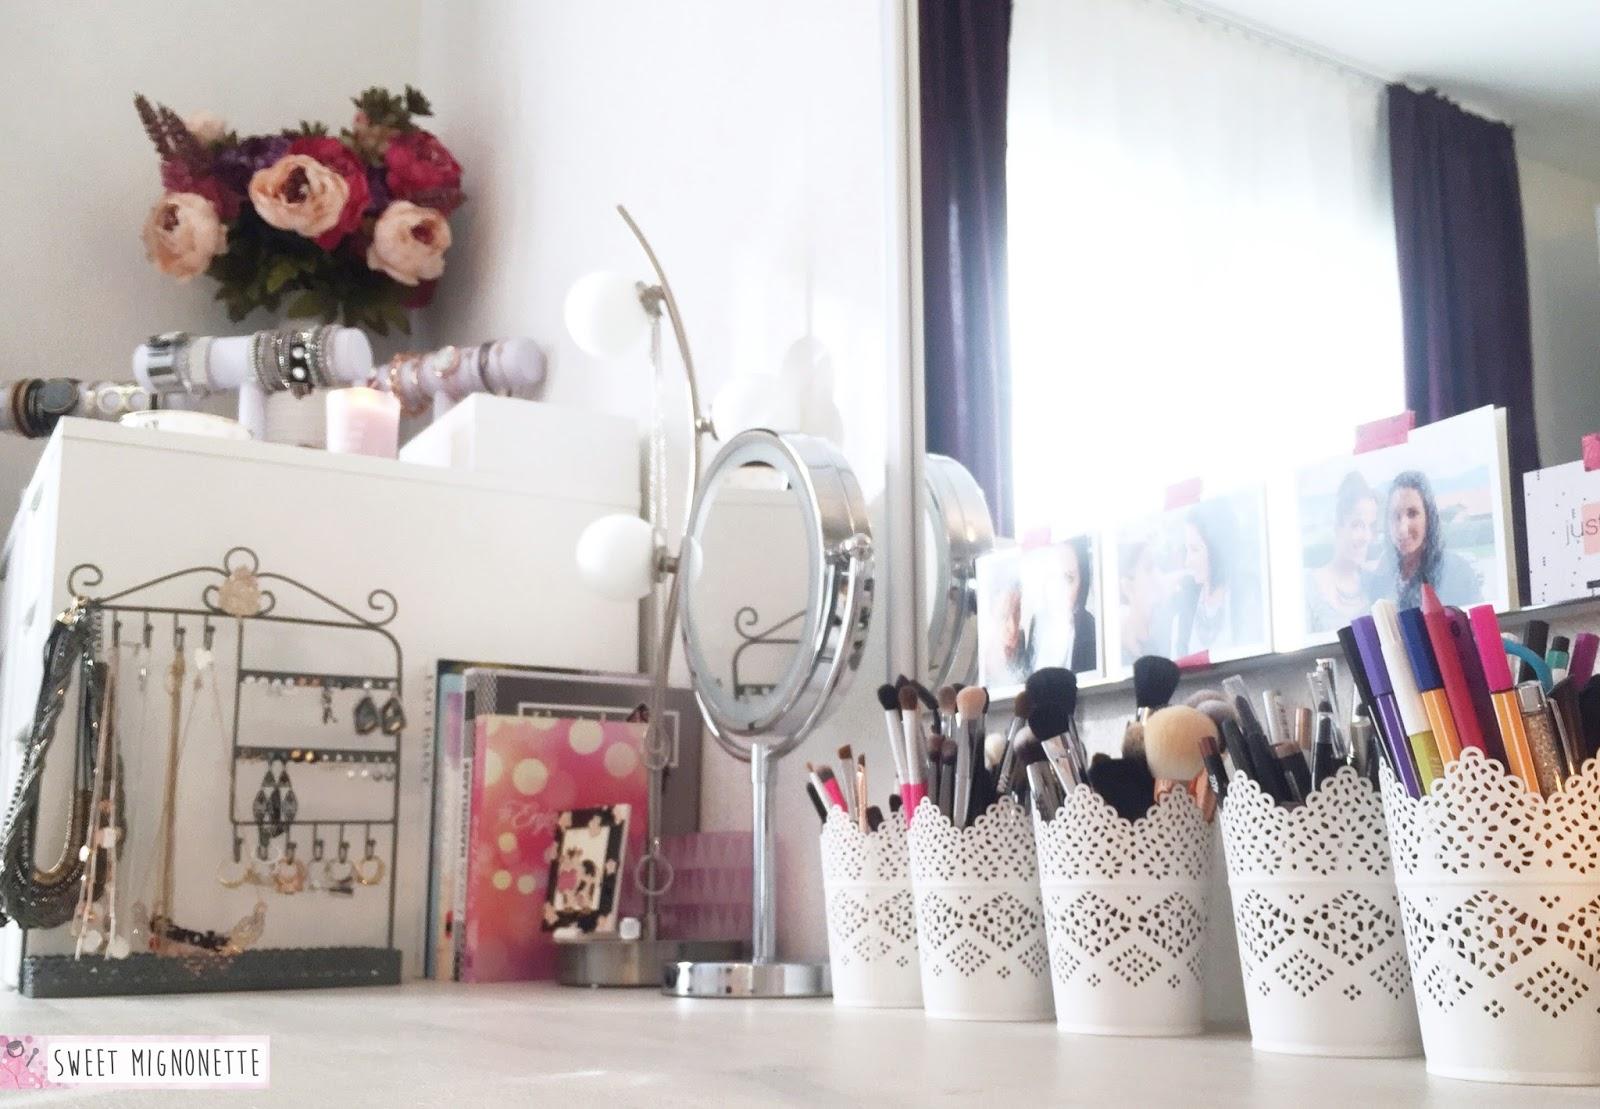 rangement maquillage fait maison latest rangement a maquillage boite de rangement organiseur. Black Bedroom Furniture Sets. Home Design Ideas